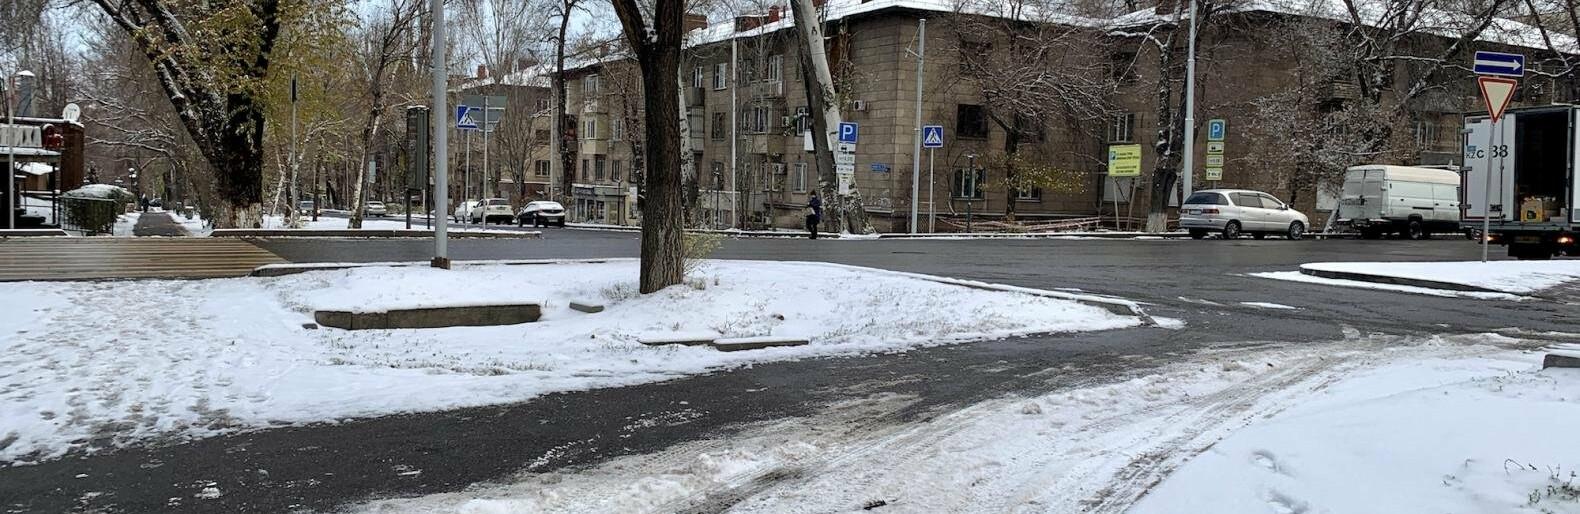 До 8 сантиметров снега выпало в Алматы